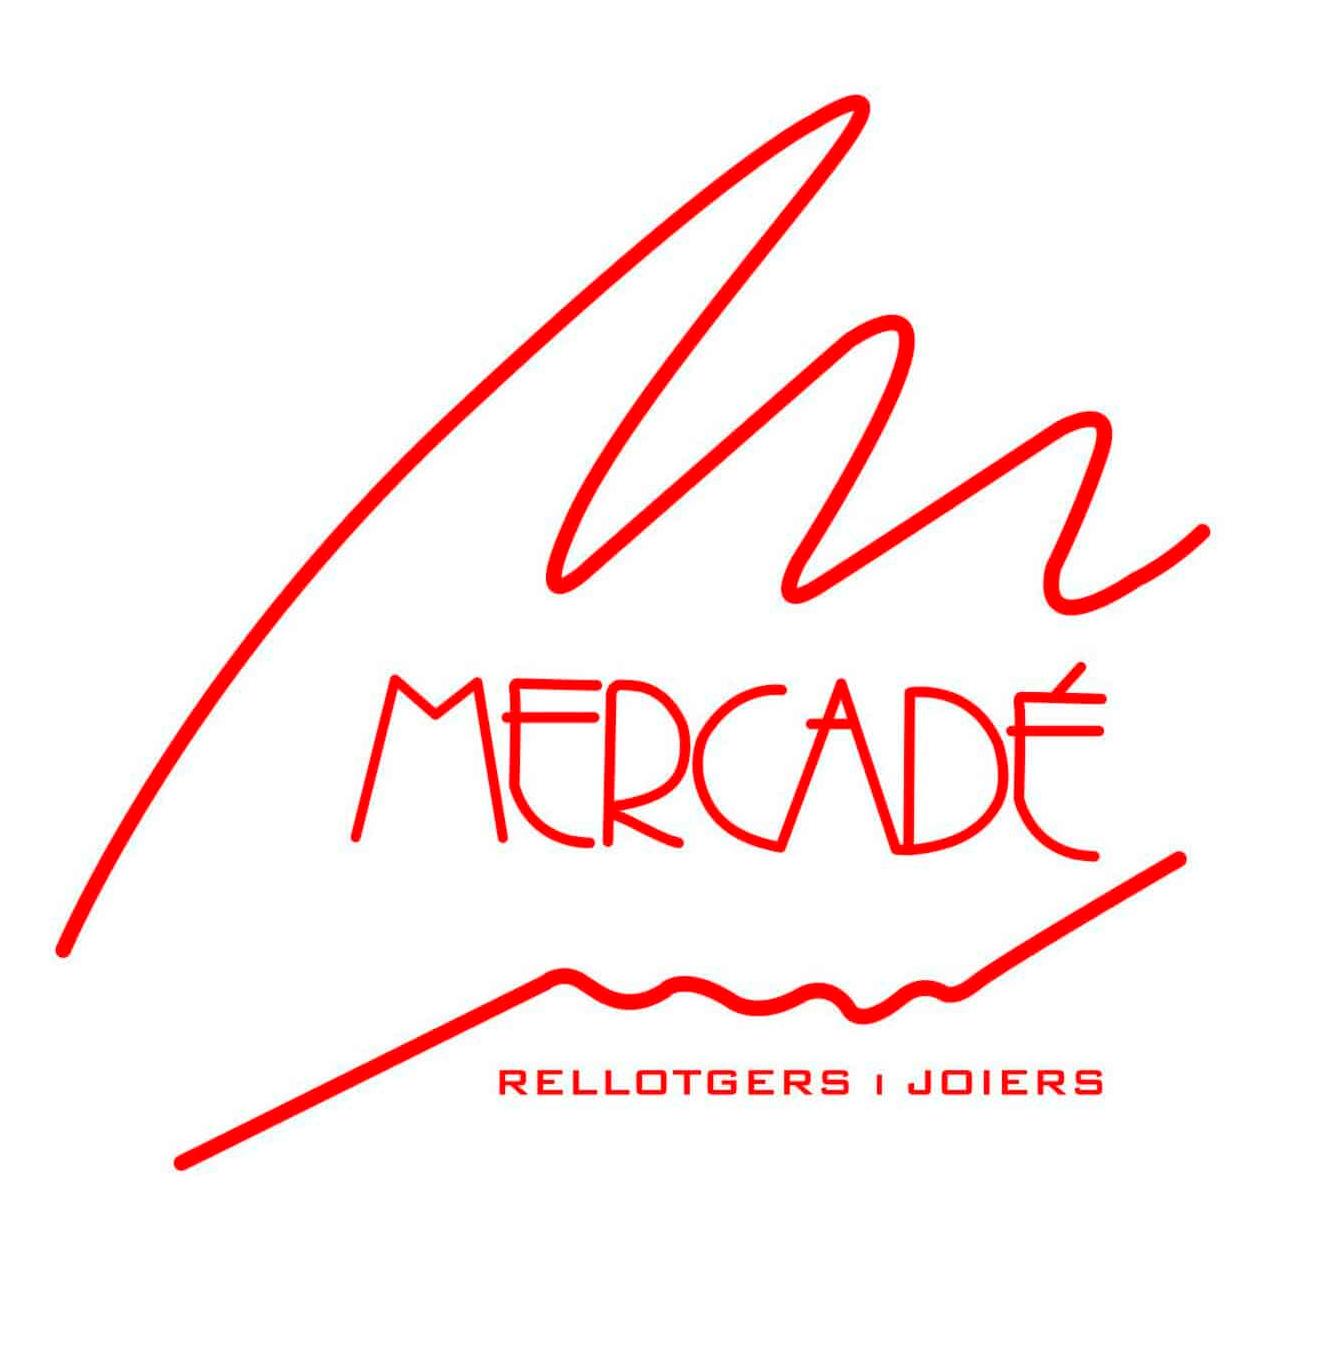 Rellotgeria Joieria Mercadé